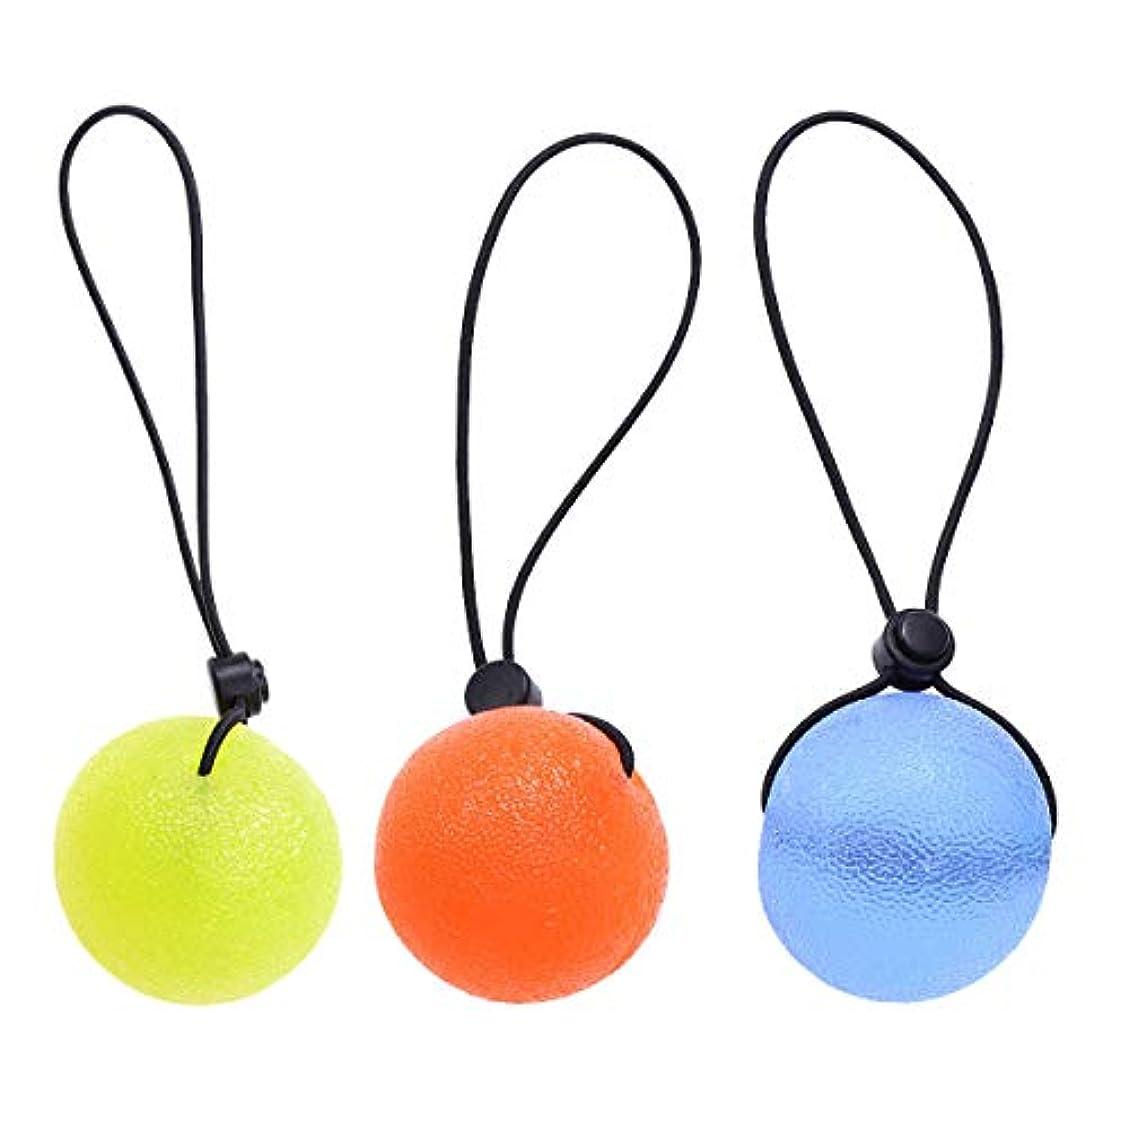 穴。タワーHEALIFTY ストレスリリーフボール、3本の指グリップボールセラピーエクササイズスクイズ卵ストレスボールストリングフィットネス機器(ランダムカラー)